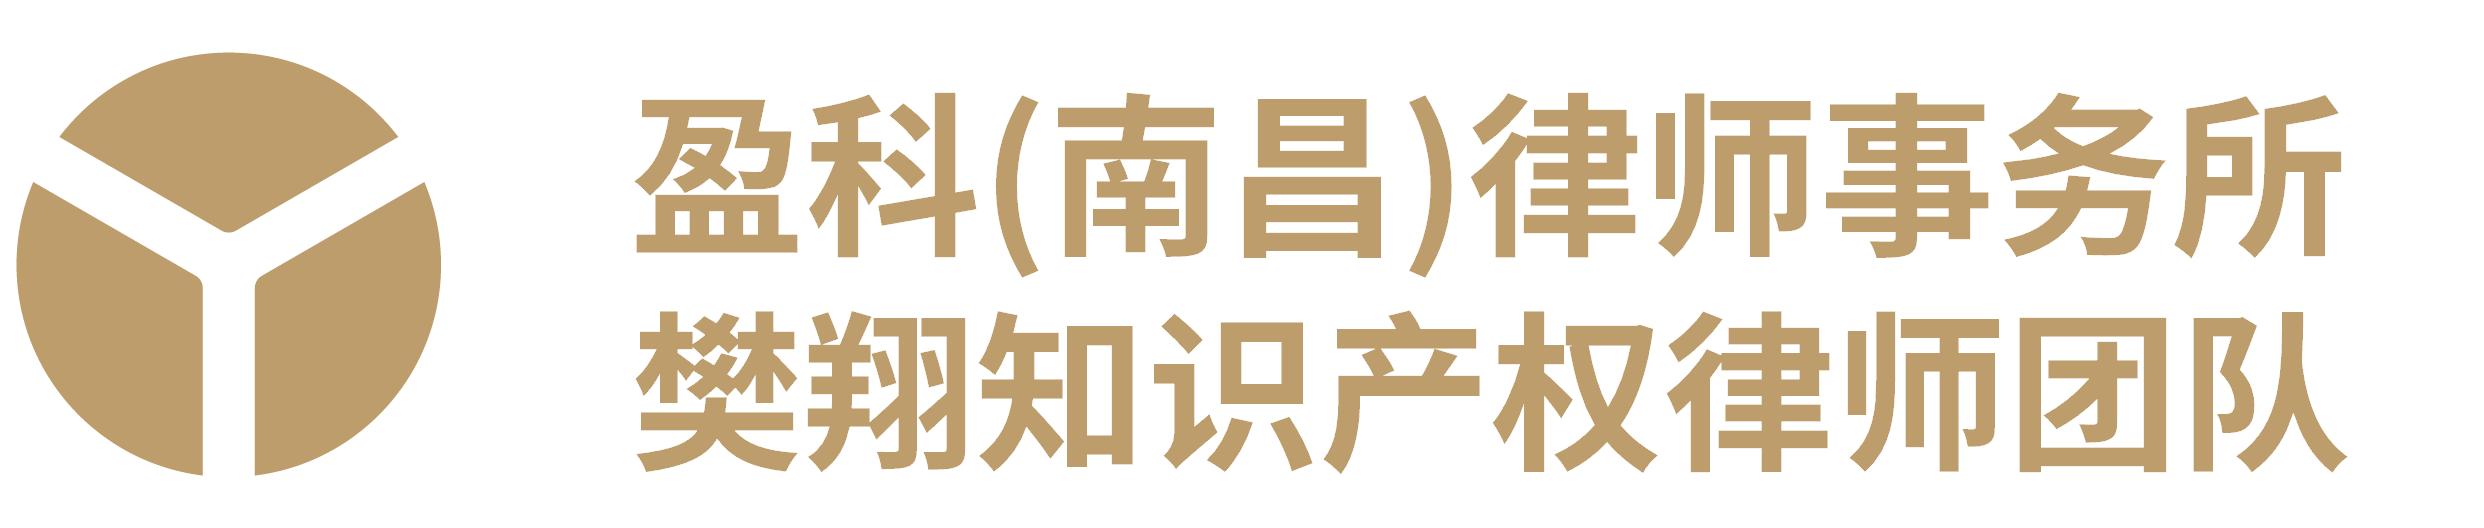 江西知名知识产权律师团队